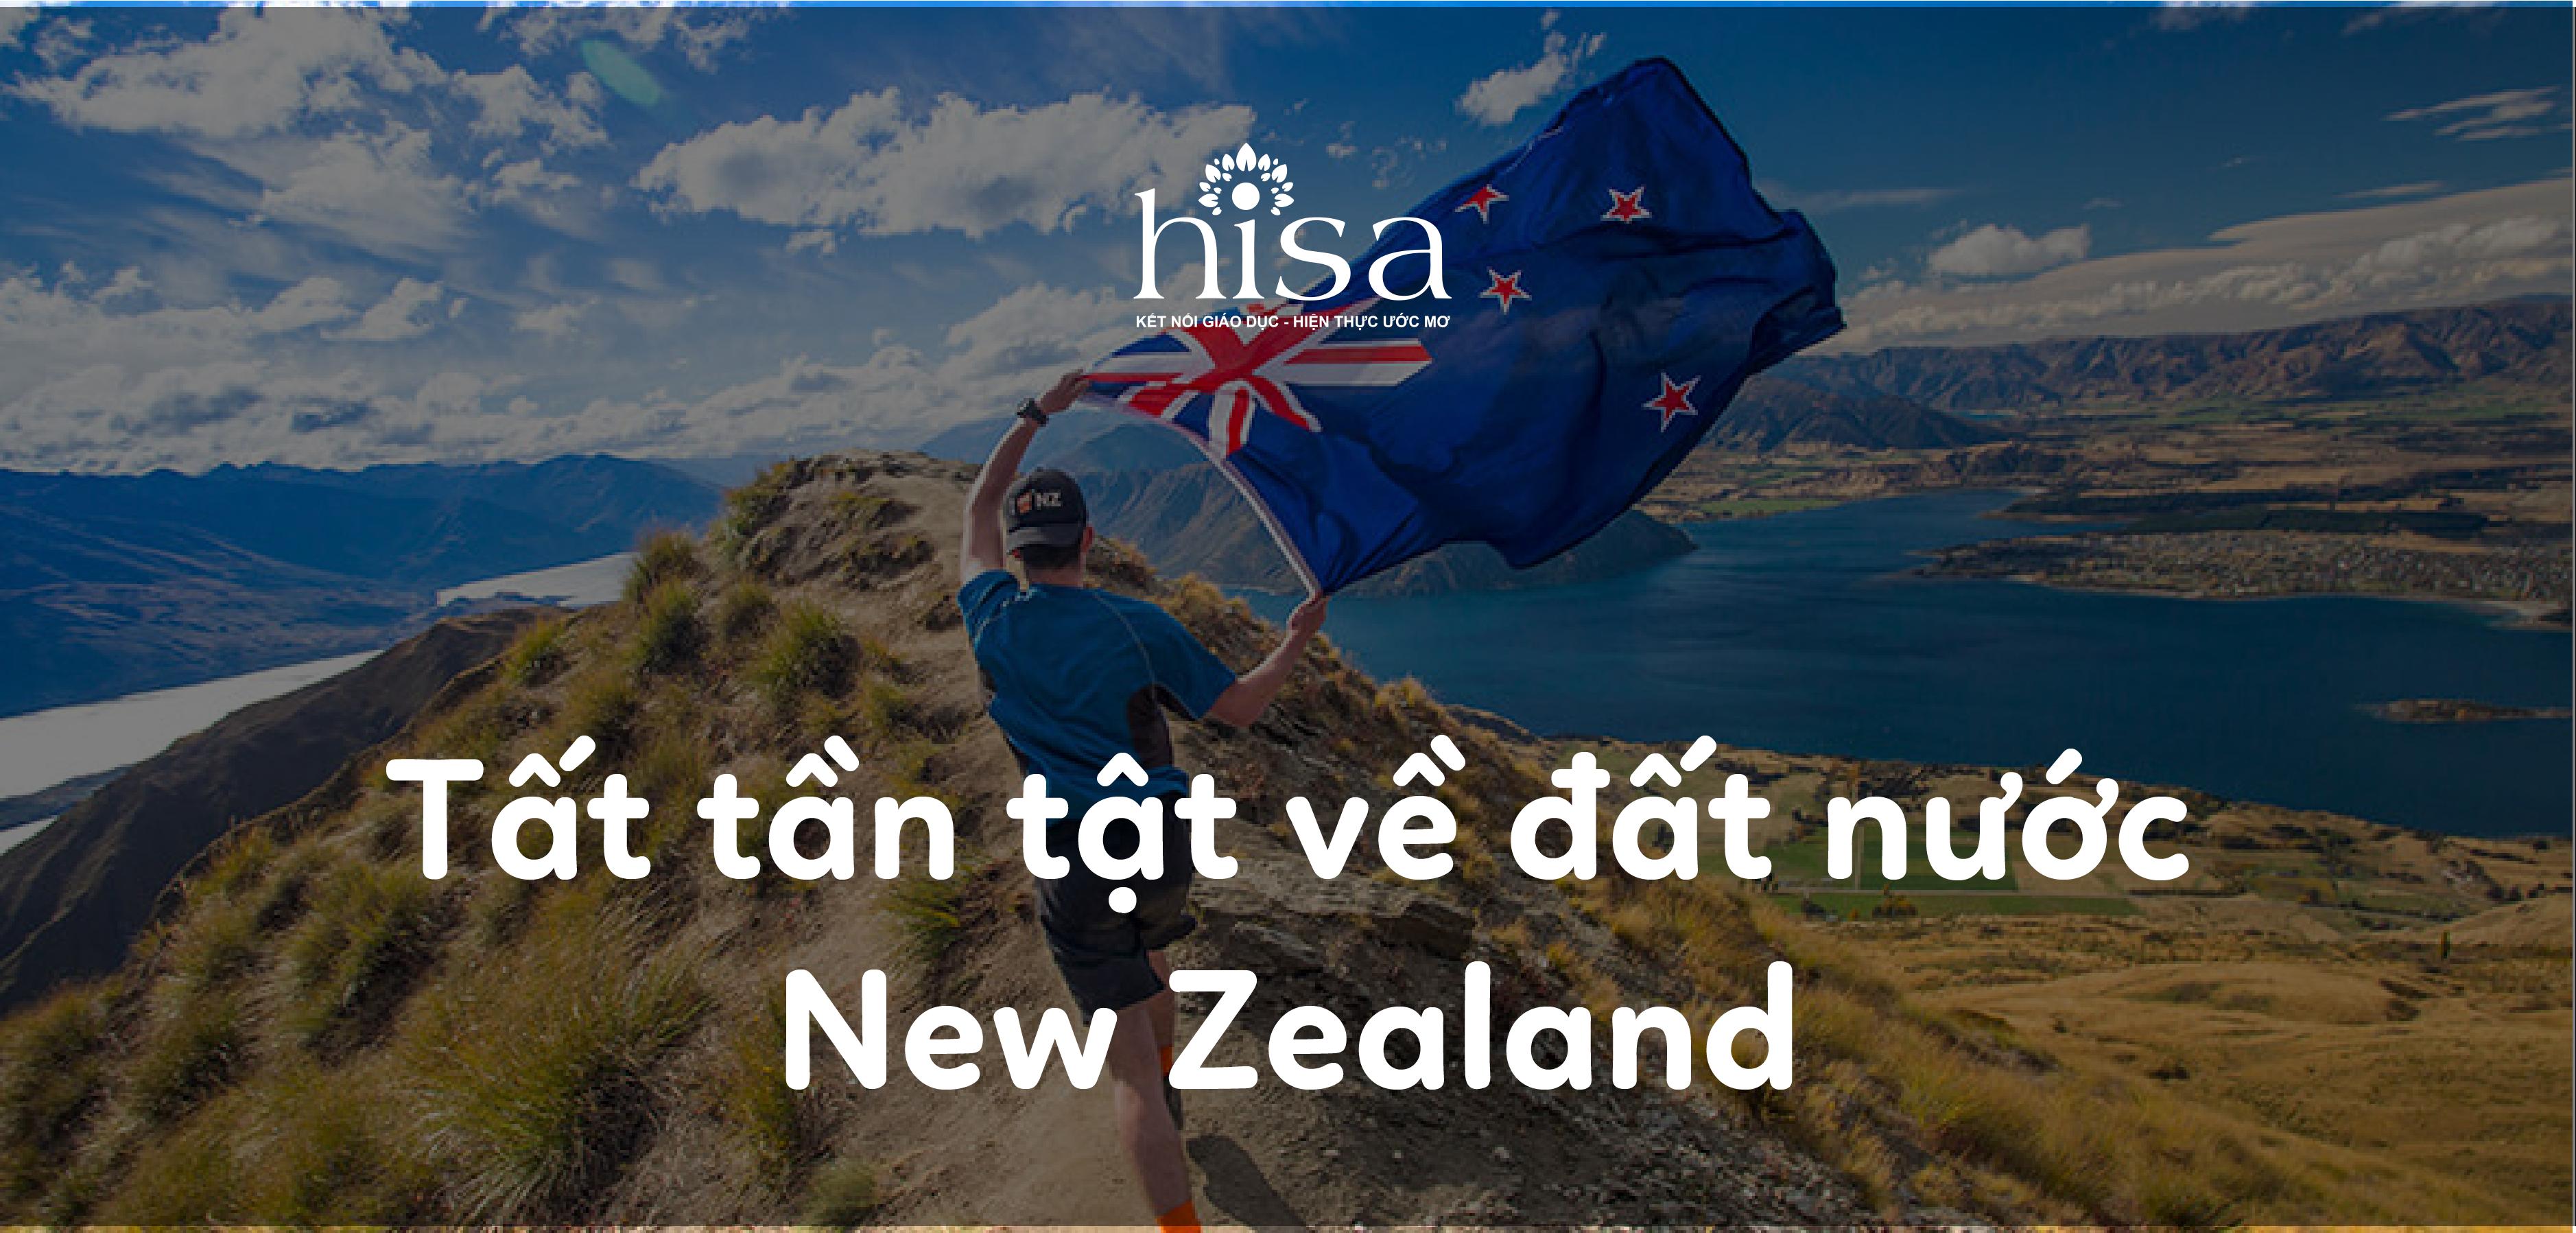 Tất tần tật về đất nước New Zealand